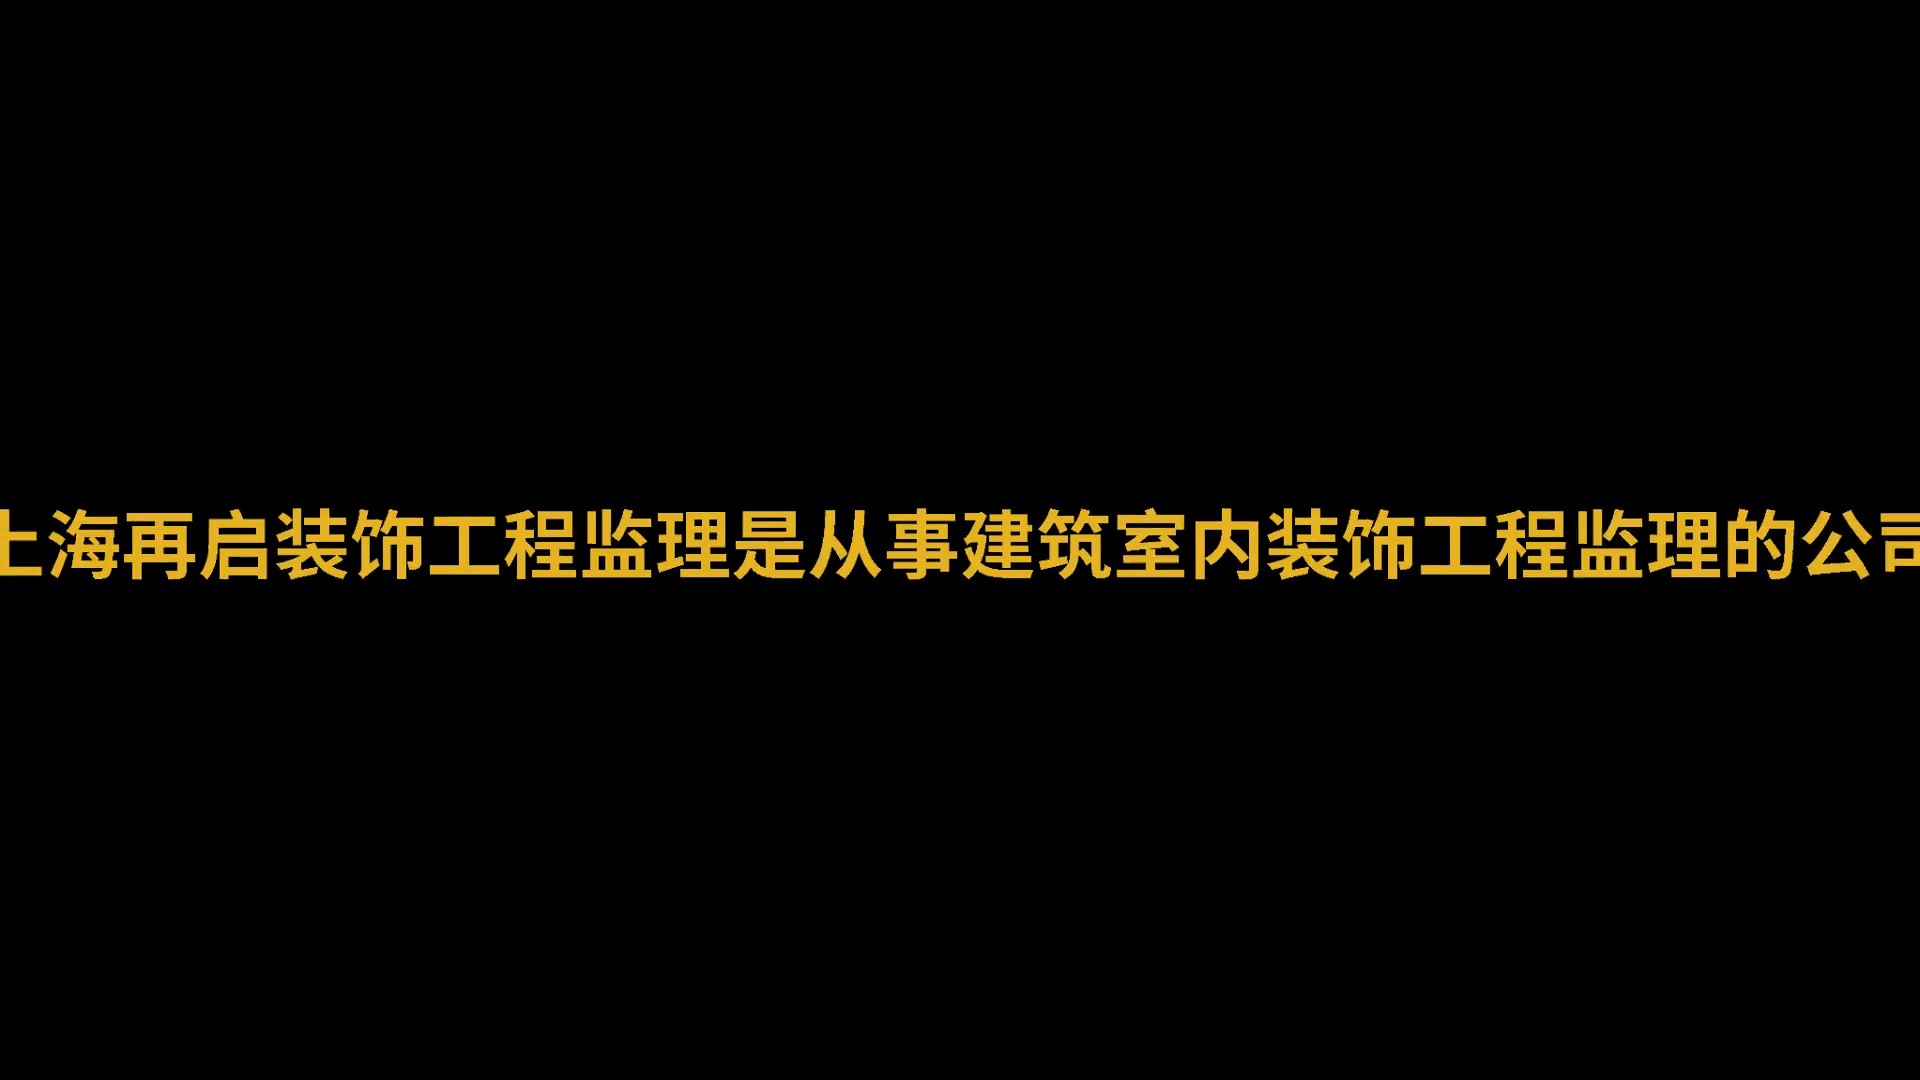 黃浦區再啟第三方監理價格,第三方監理